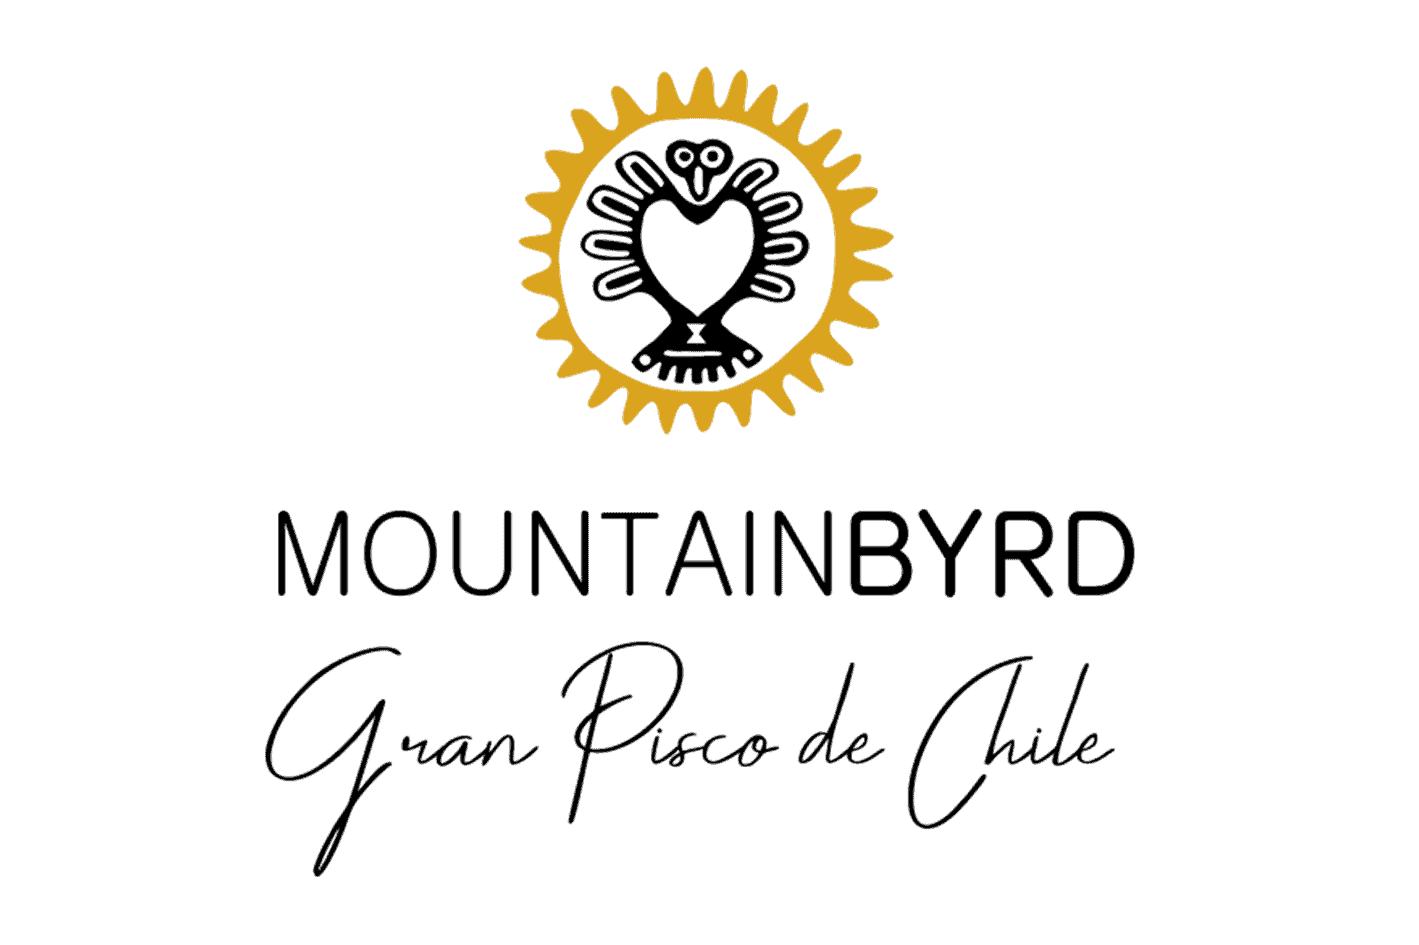 Logo-Mountainbyrd-Gran-Pisco-de-Chile